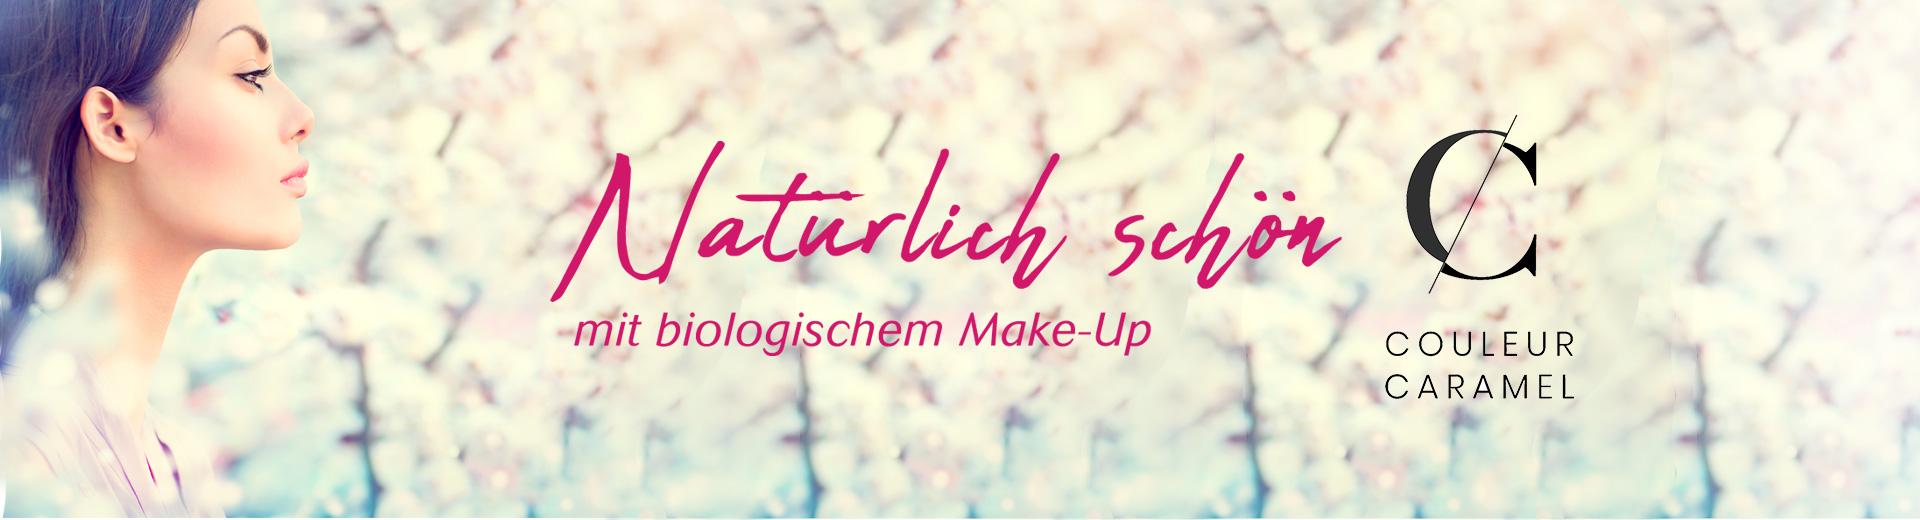 Natürlich schön mit biologischem Make-up